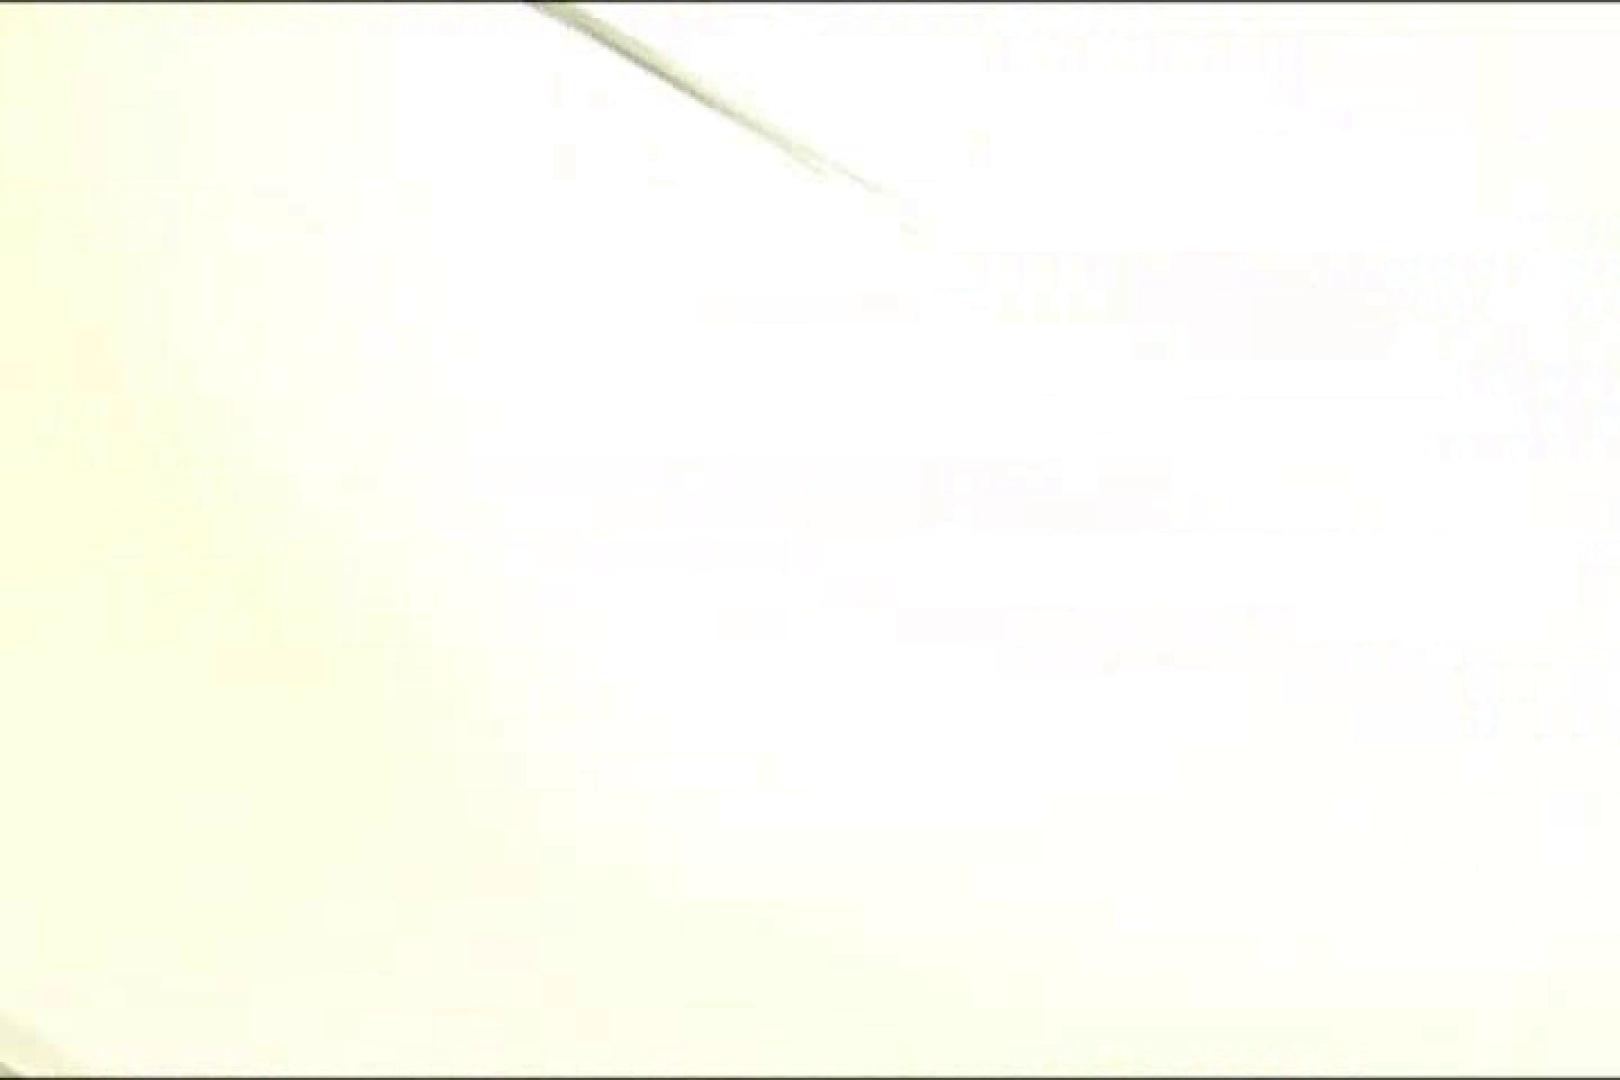 マンコ丸見え女子洗面所Vol.6 OL  78枚 42